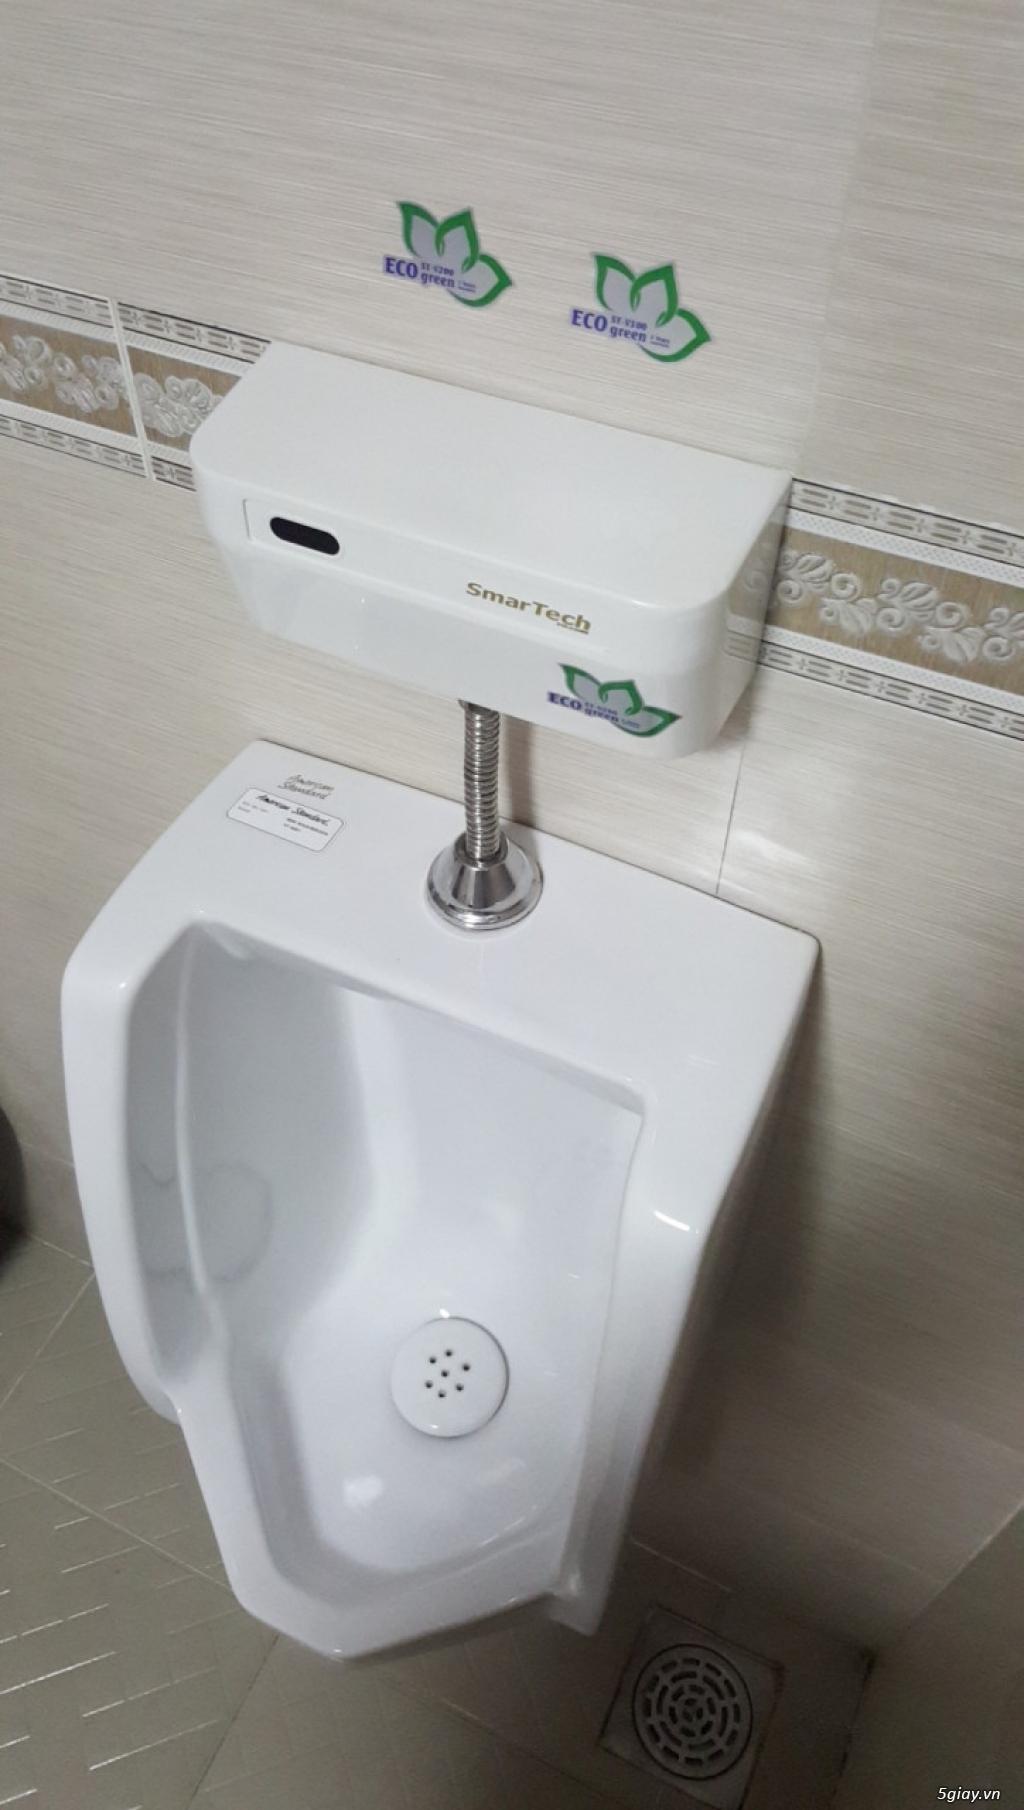 van xã tiểu cảm ứng smartech vệ sinh nhanh tiết kiệm nước